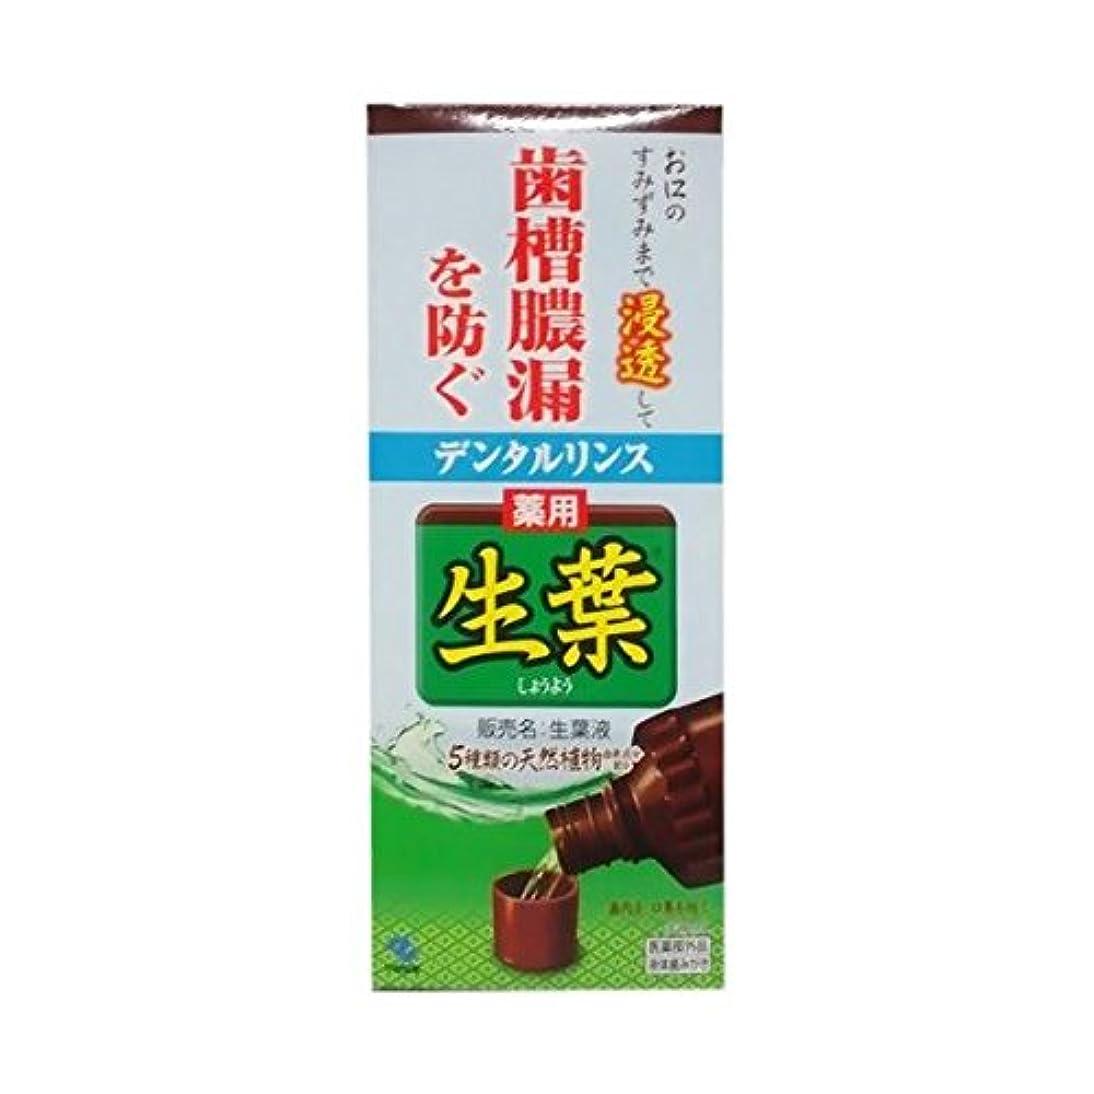 地獄エンターテインメント北東【お徳用 3 セット】 薬用 生葉液 330ml×3セット